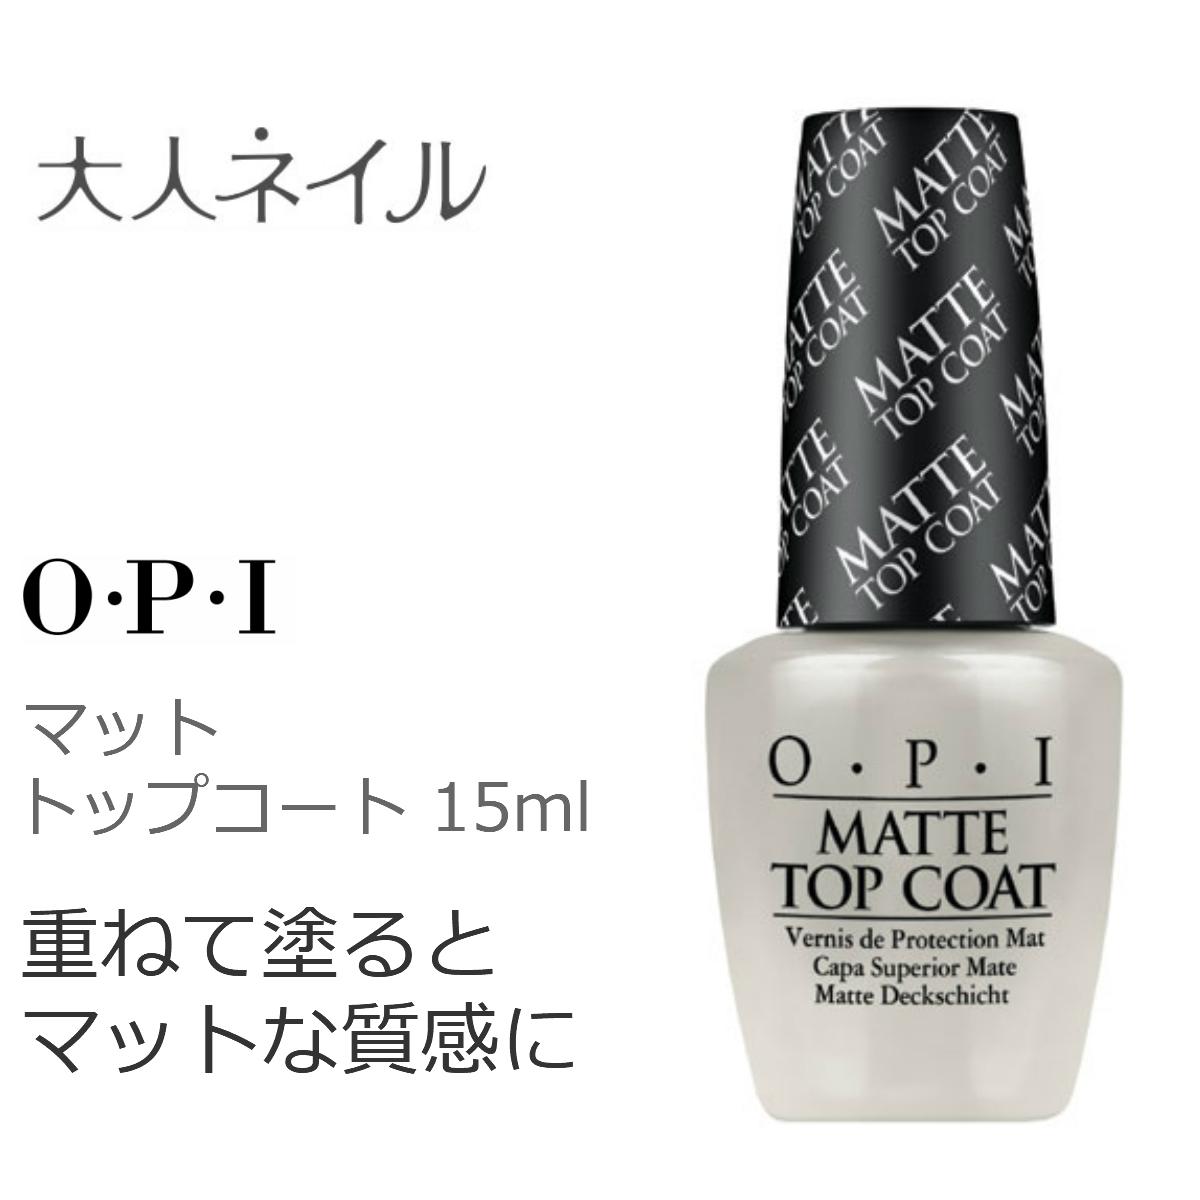 OPI オーピーアイ マットトップコート15ml 質感 簡単 マットネイル